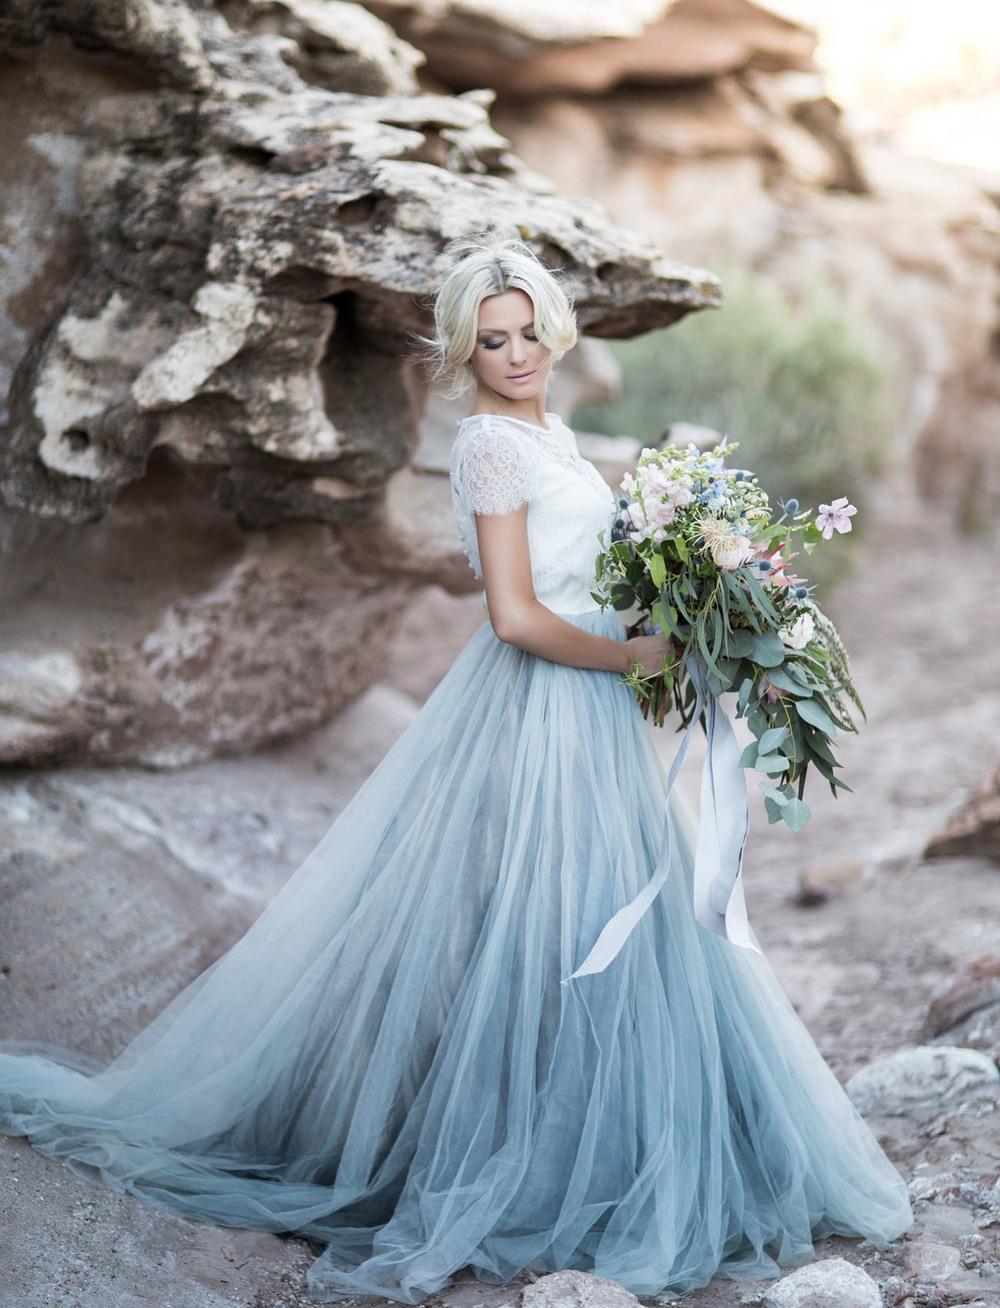 vit klänning bröllop historia